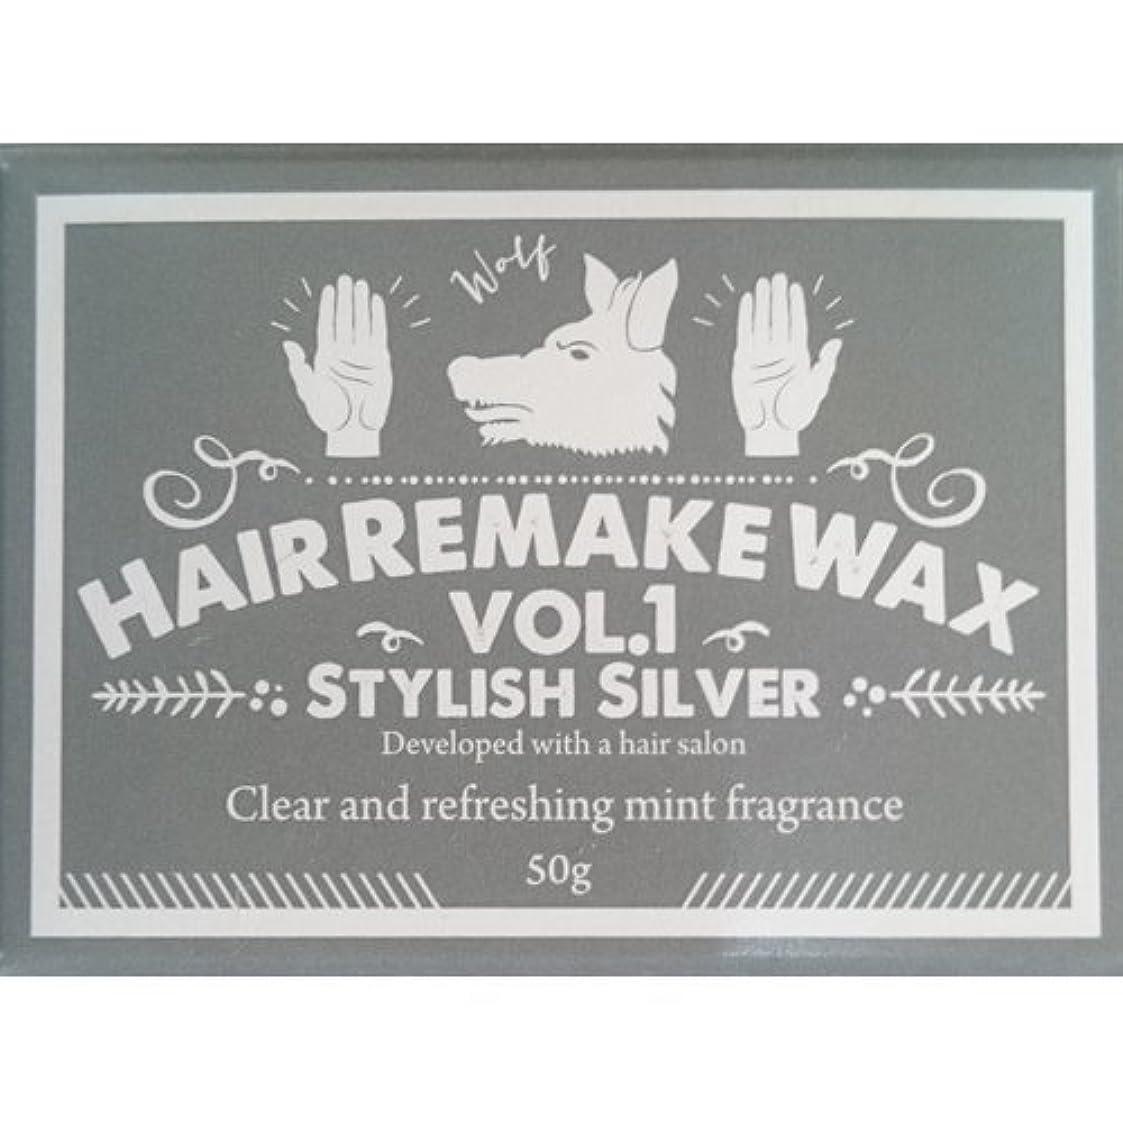 チェスたぶん自動的にパーティー 変装 銀髪用 Hair Remake(ヘアーリメイクワックス)WAX Vol.1 スタイリッシュシルバー 50g